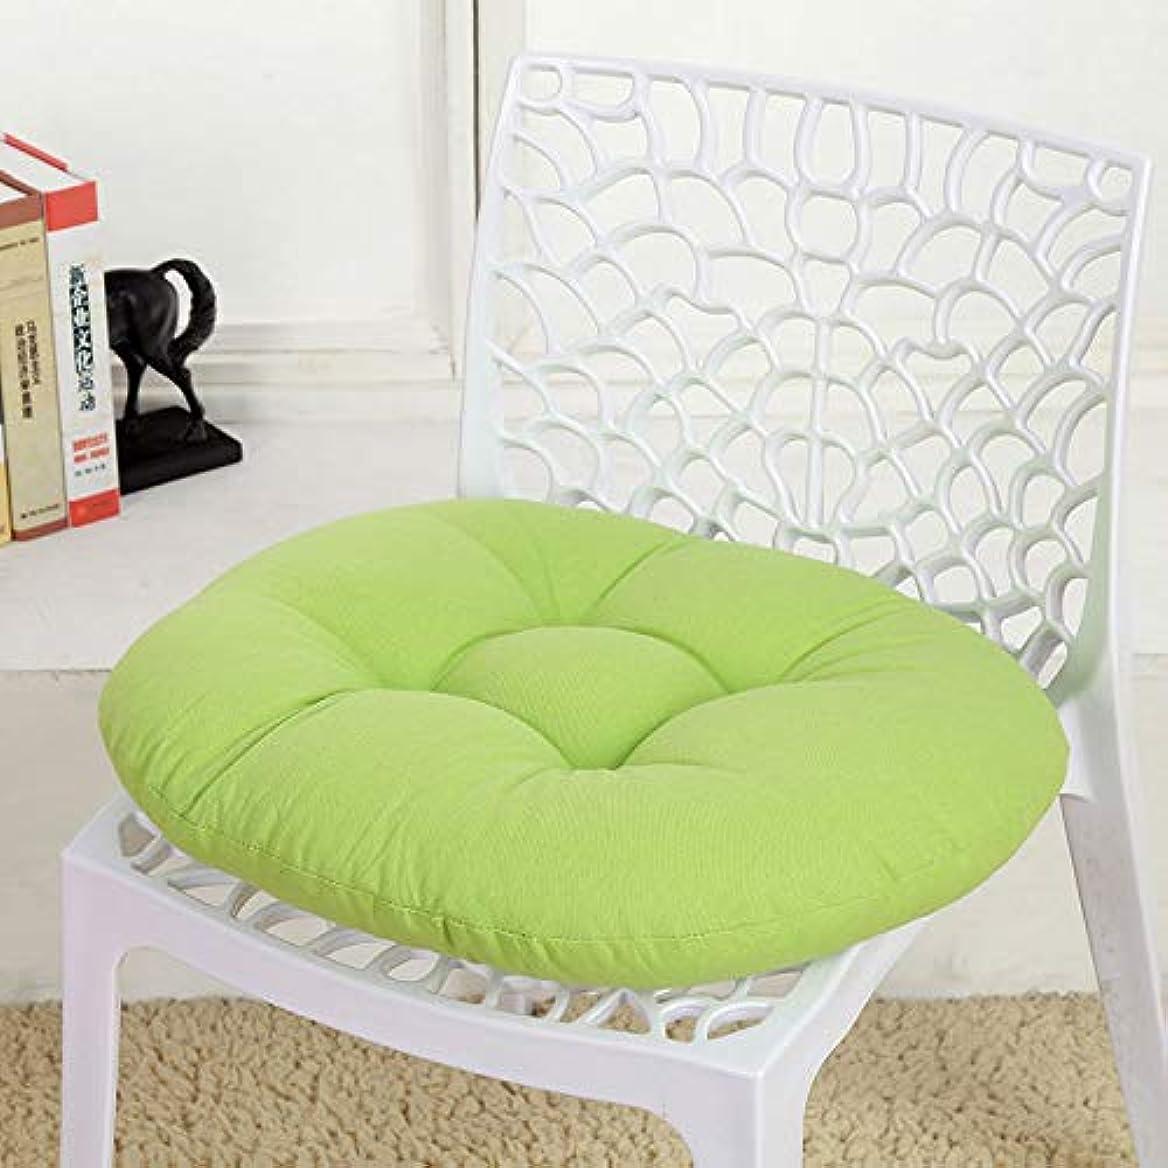 蓄積するチェス火薬SMART キャンディカラーのクッションラウンドシートクッション波ウィンドウシートクッションクッション家の装飾パッドラウンド枕シート枕椅子座る枕 クッション 椅子